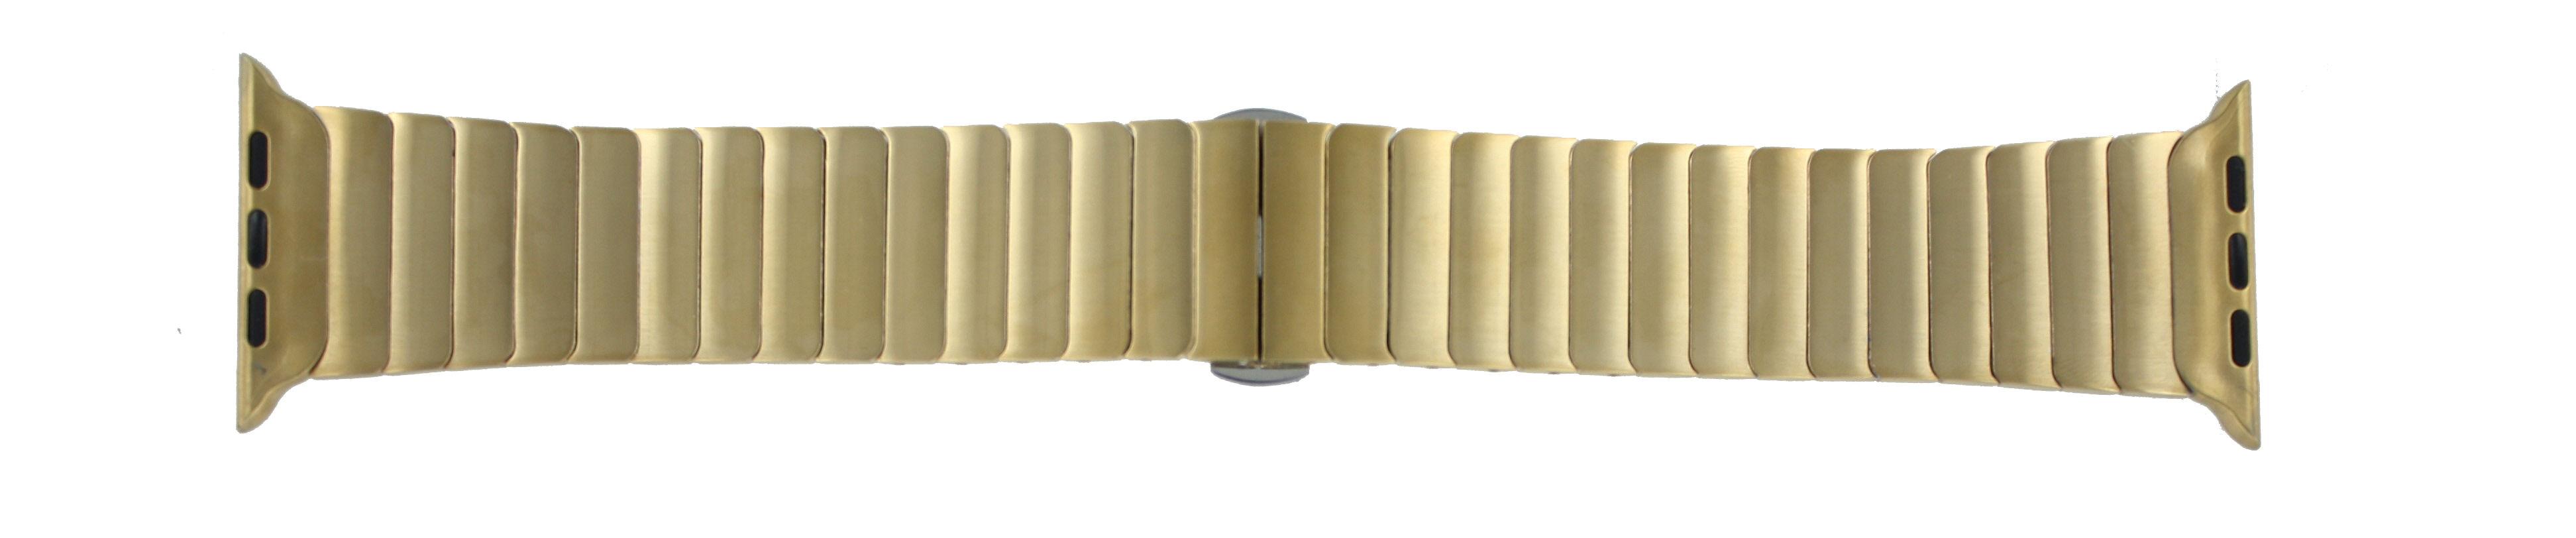 Apple (modèle de remplacement) bracelet de montre LS-AB-107 Métal Or (dorée) 42mm